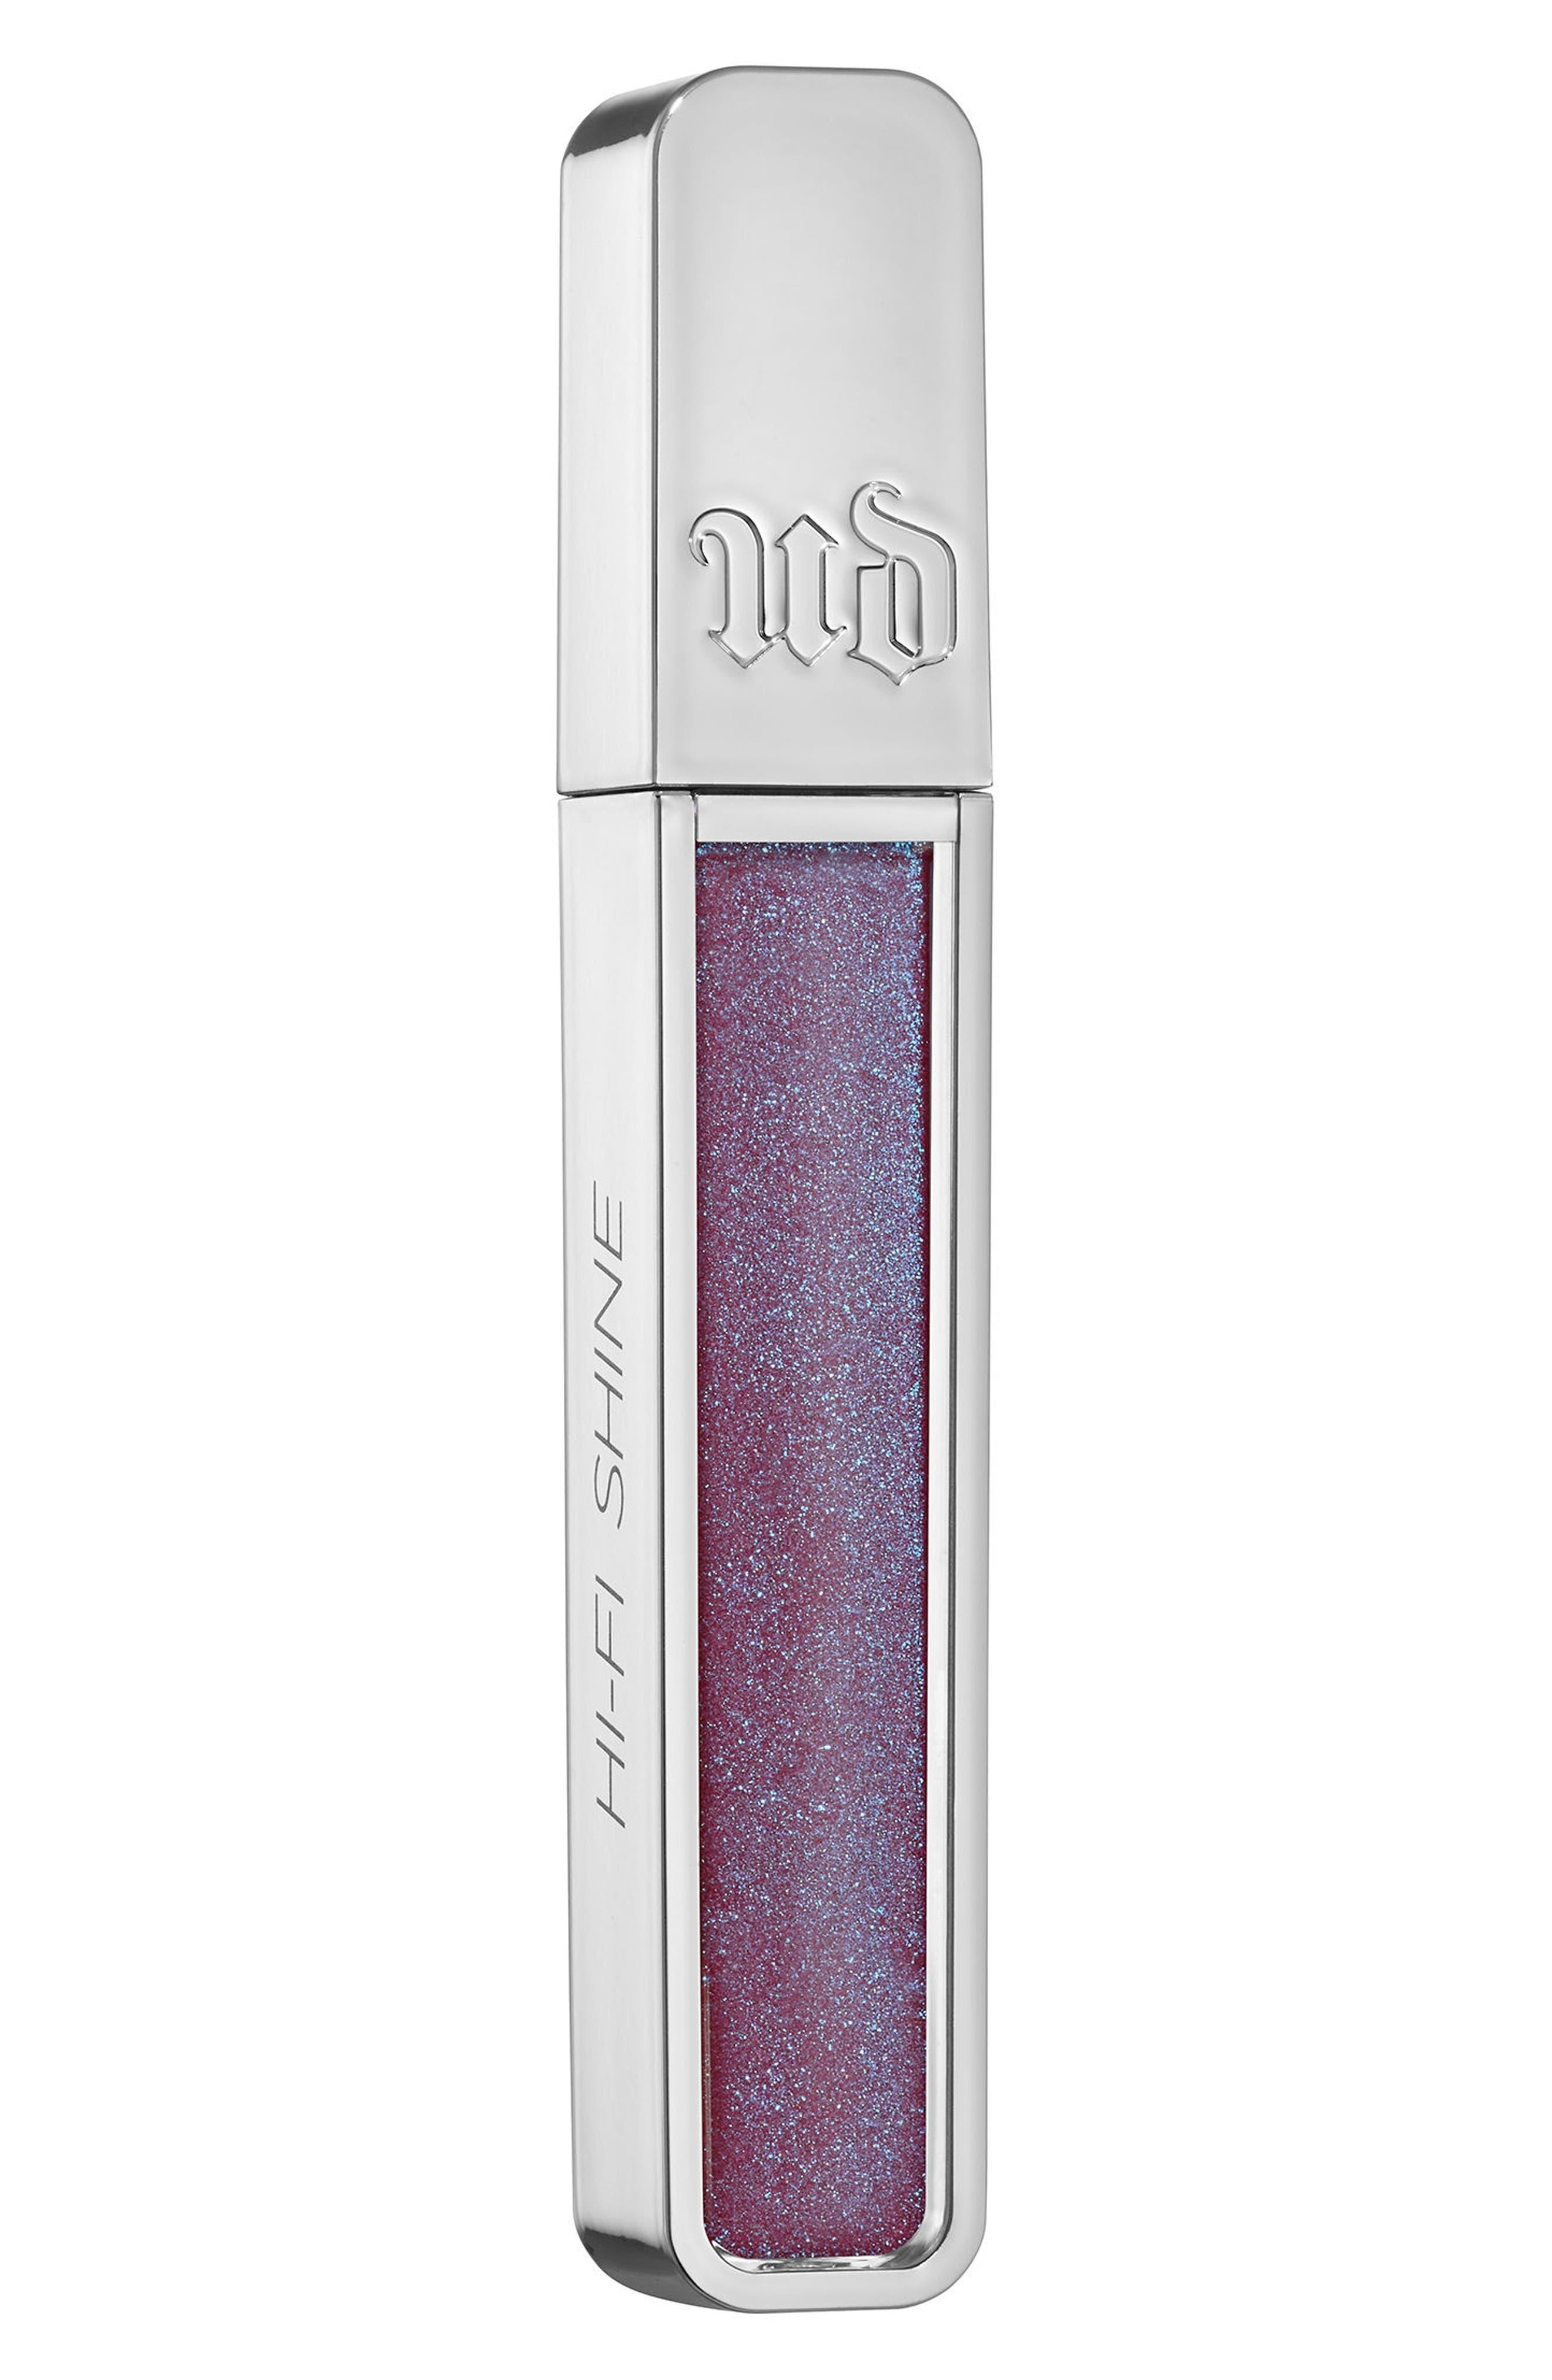 URBAN DECAY, Hi-Fi Shine Ultra Cushion Lipgloss, Main thumbnail 1, color, SNAPPED